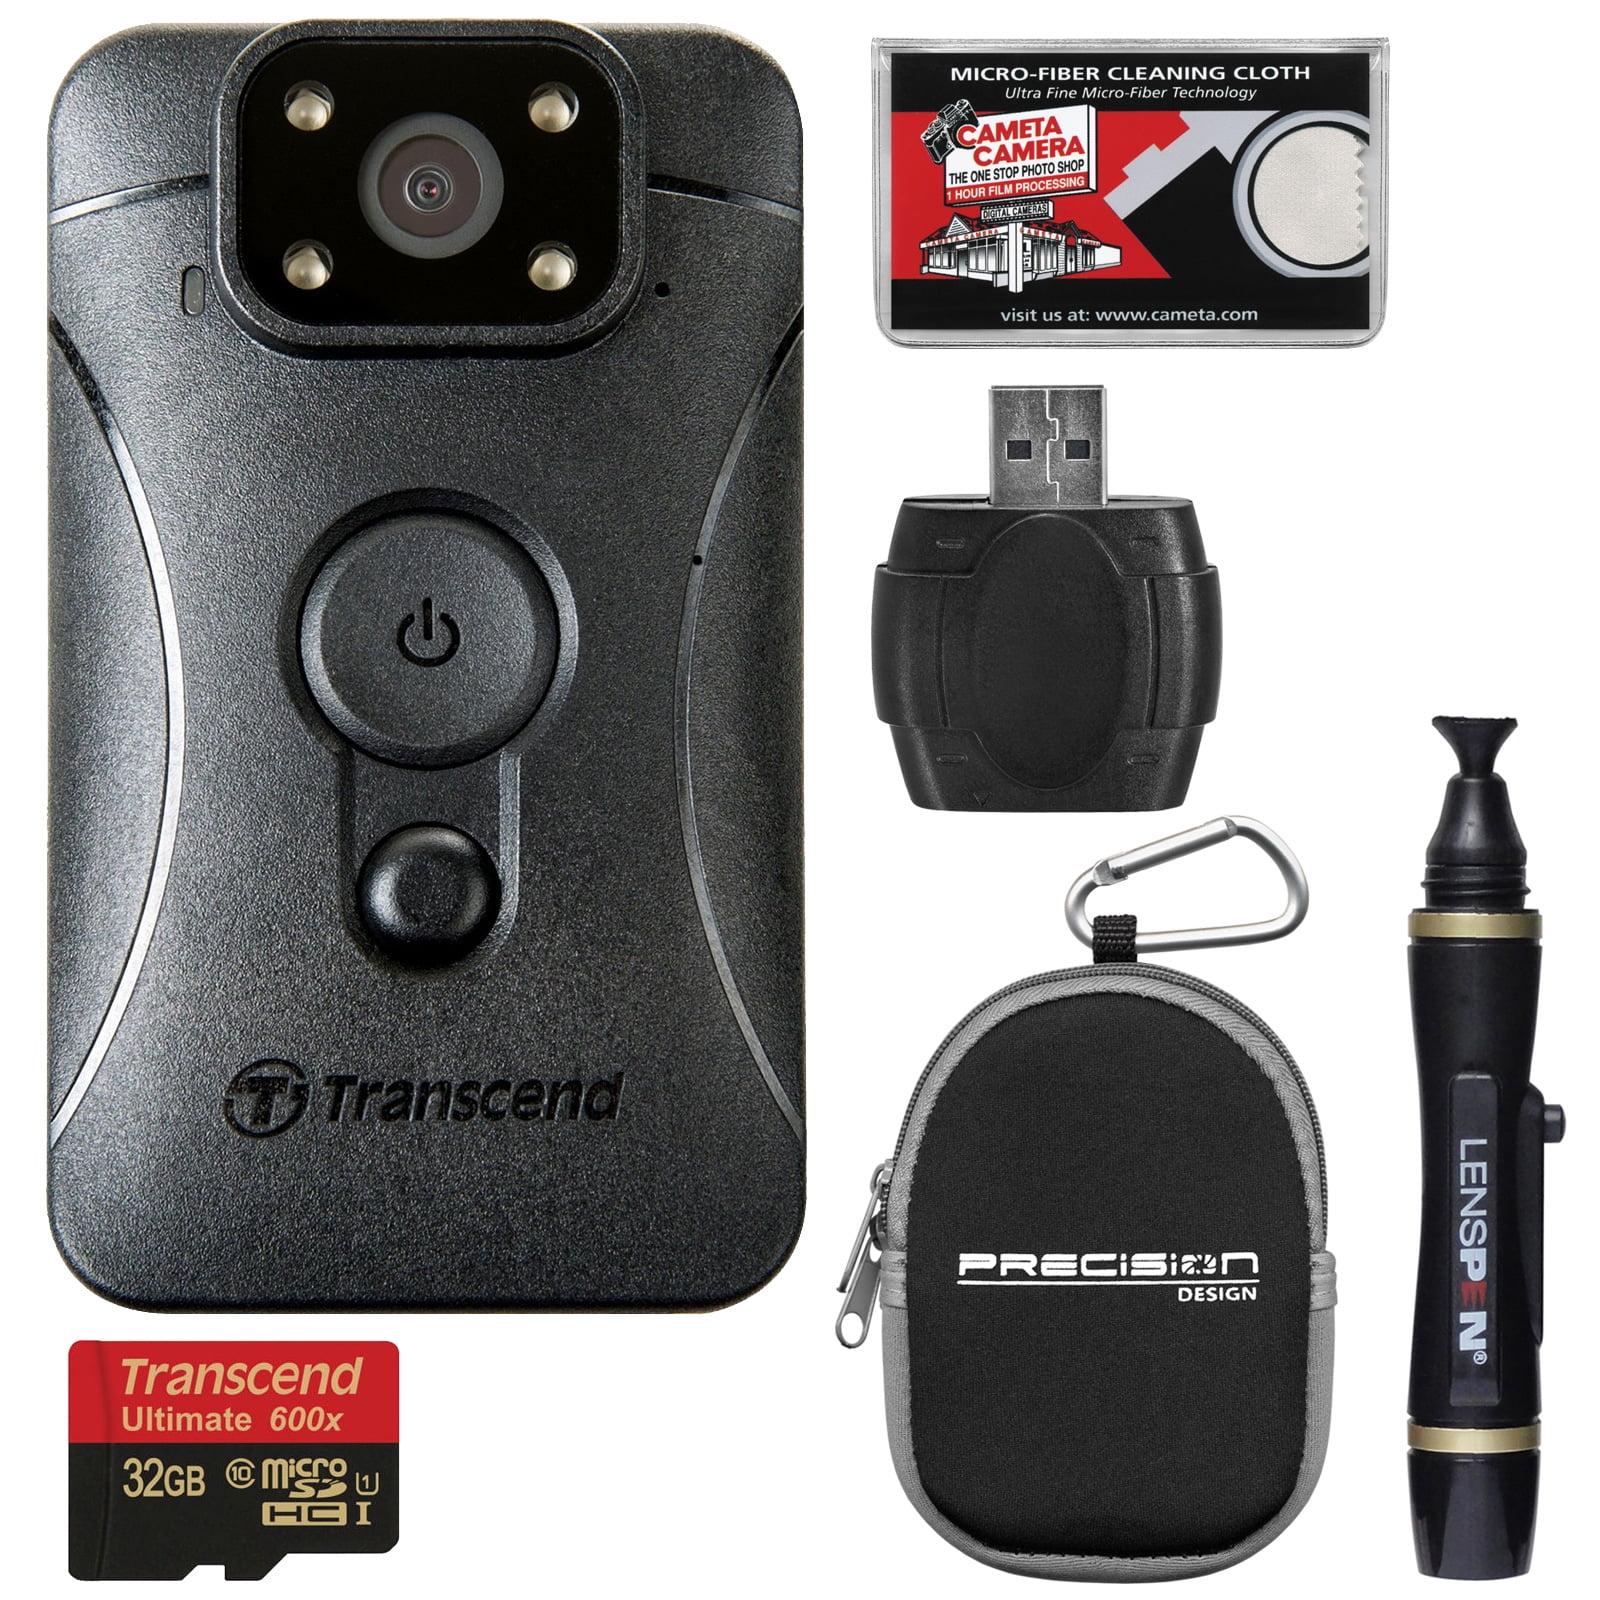 Transcend DrivePro Body 10 1080p HD Video Camera Camcorde...